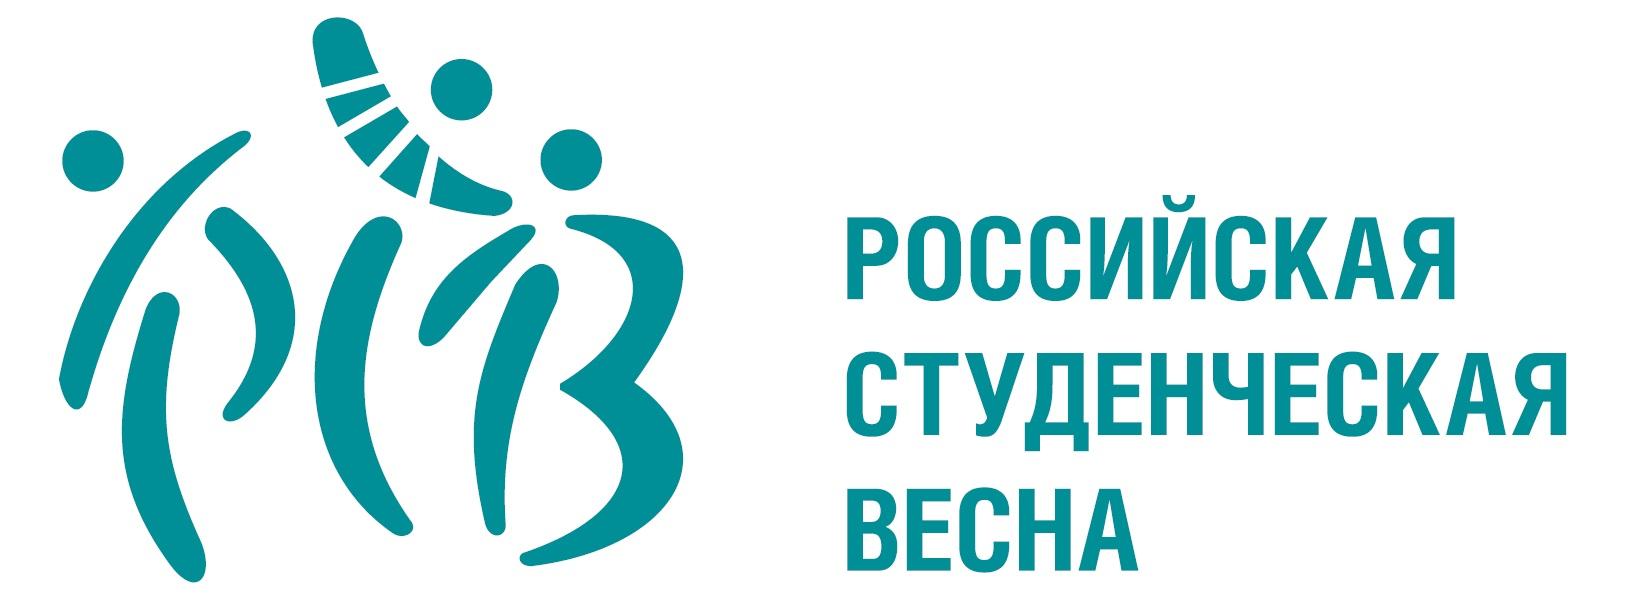 Ежегодный фестиваль для студентов в Иркутской области